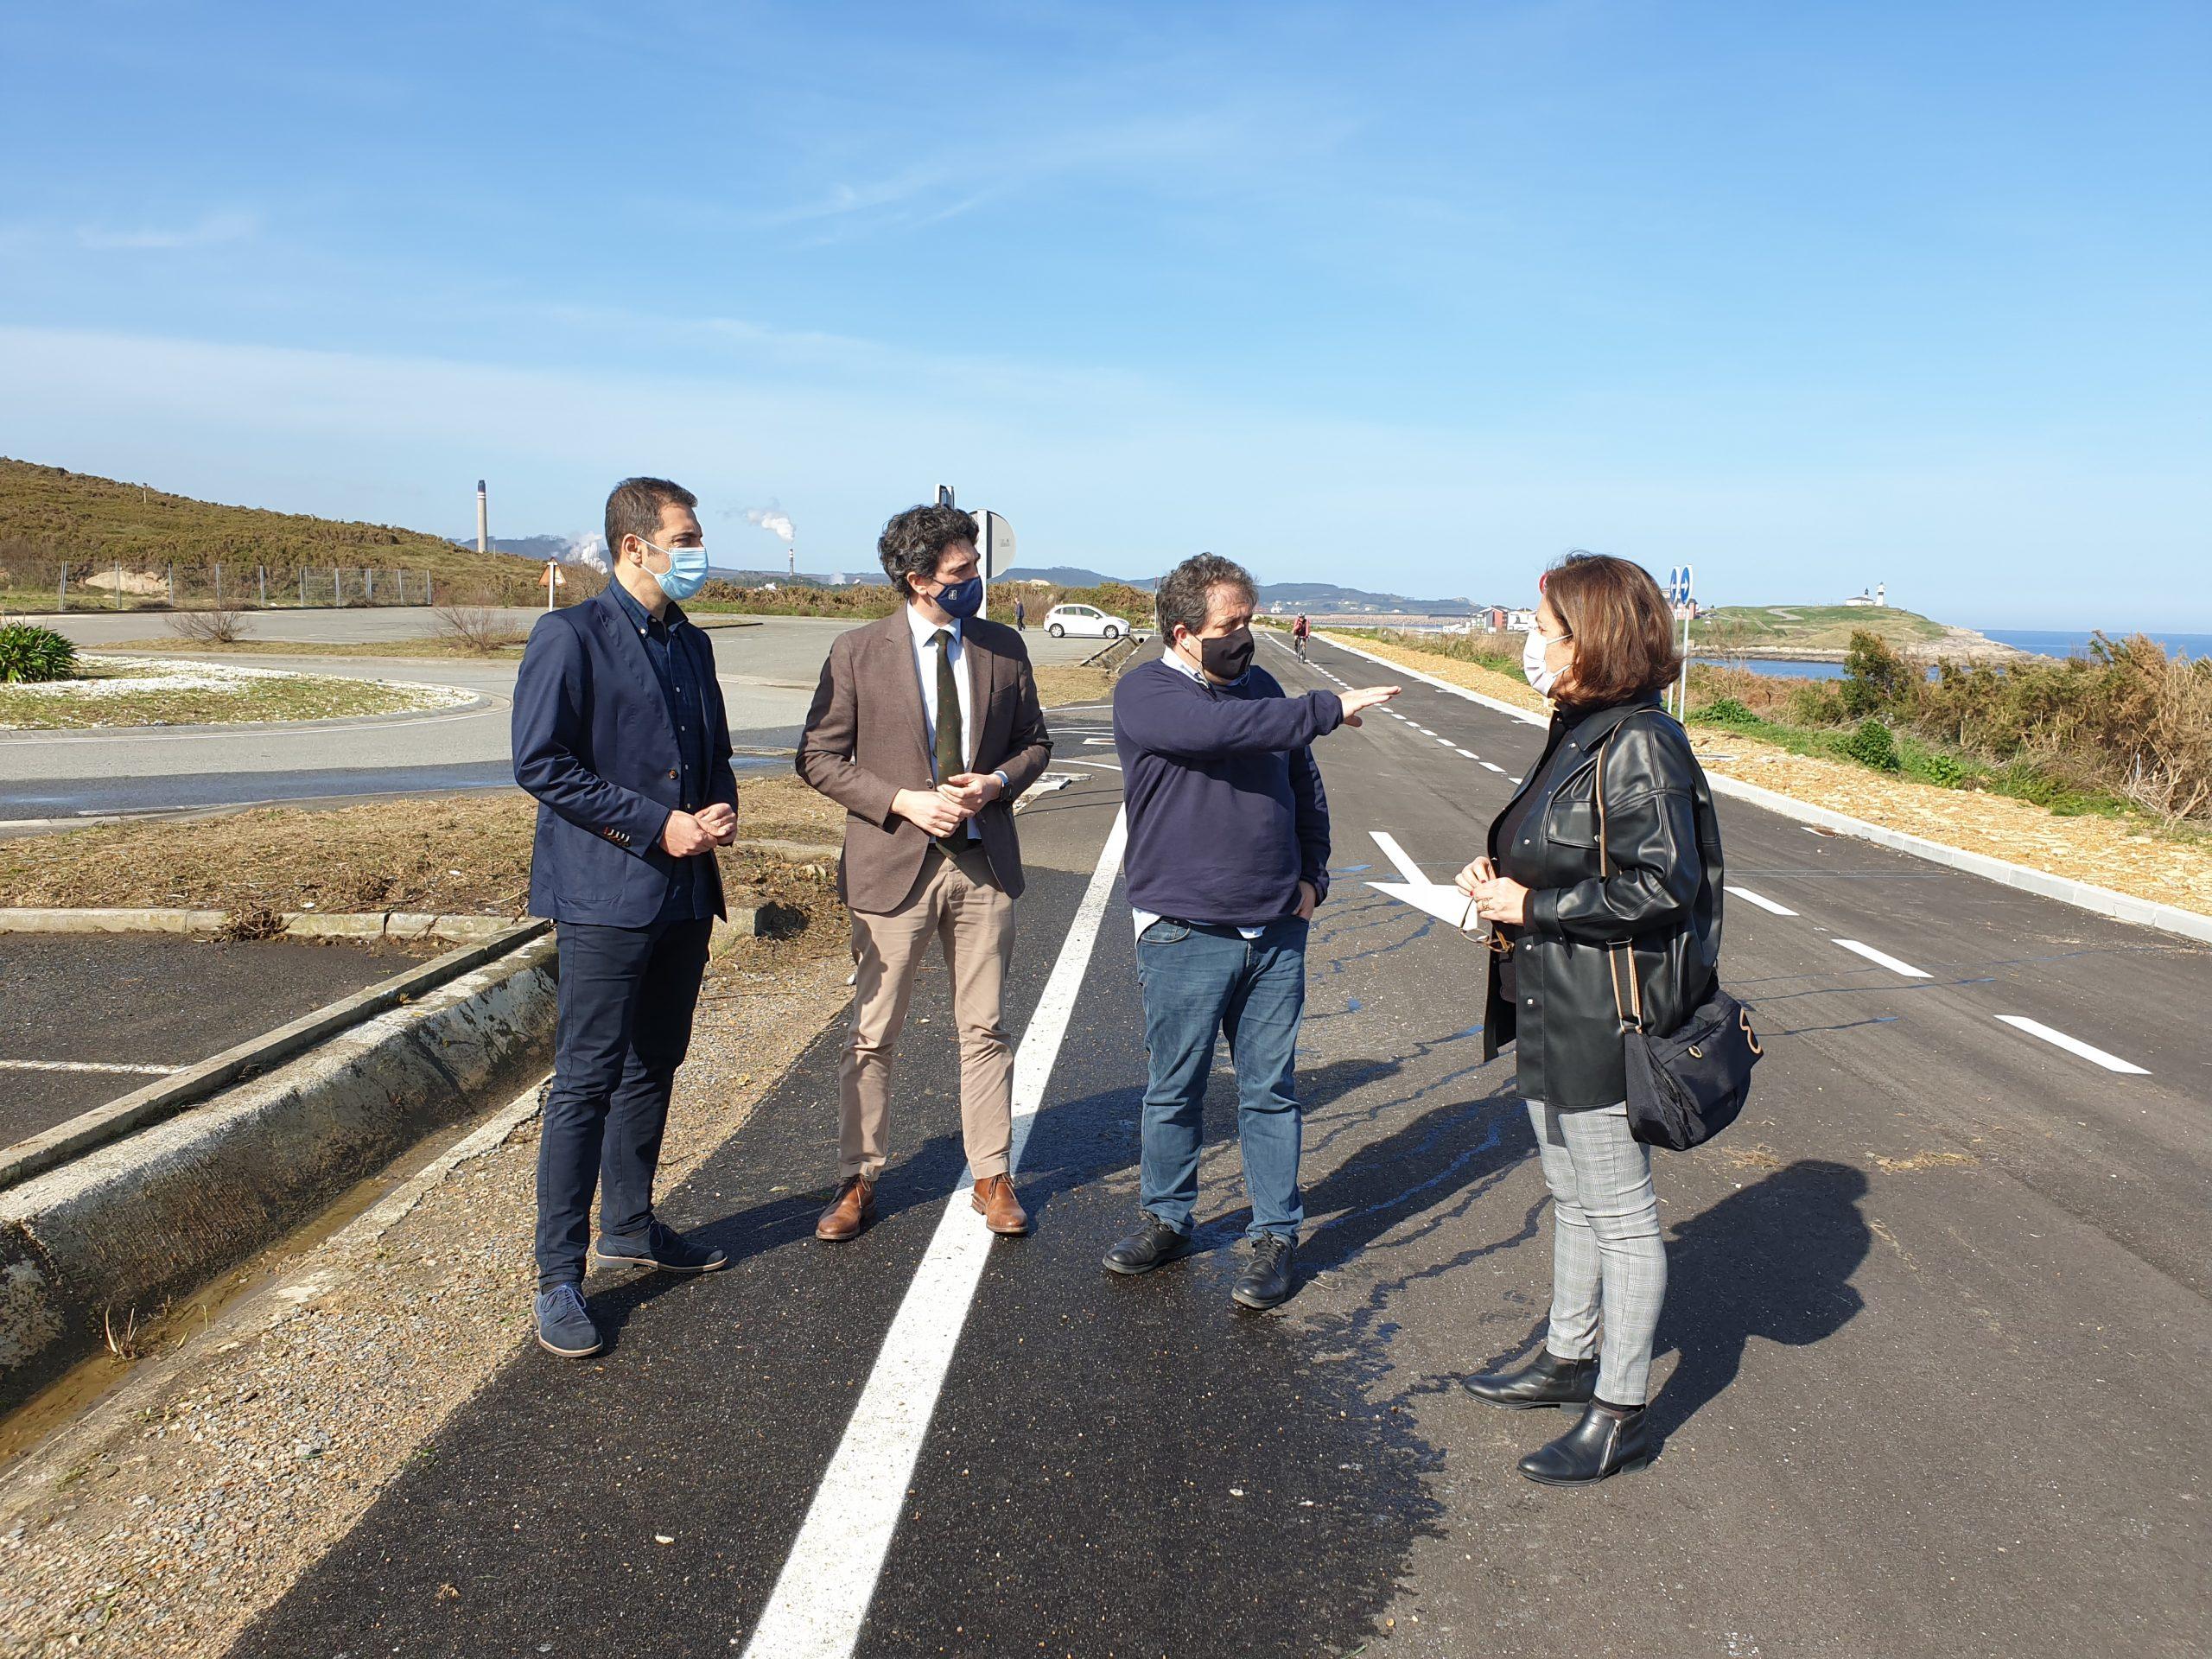 A Xunta destina preto de 700.000 euros a impulsar proxectos de mellora en oito parques empresariais da provincia, entre eles os de Cervo e A Pontenova